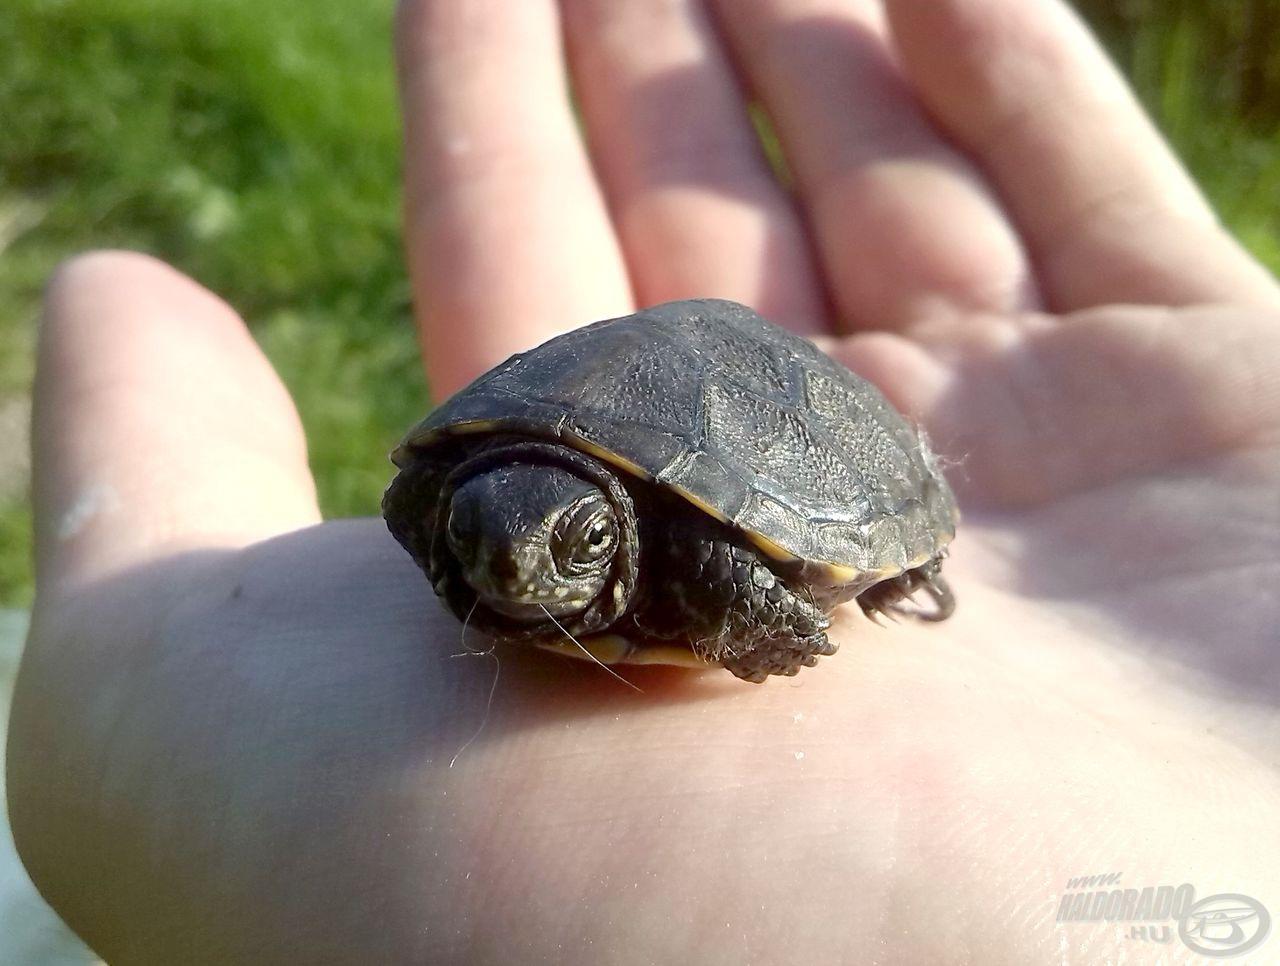 Még egy apró teknős is megfigyelt a parton